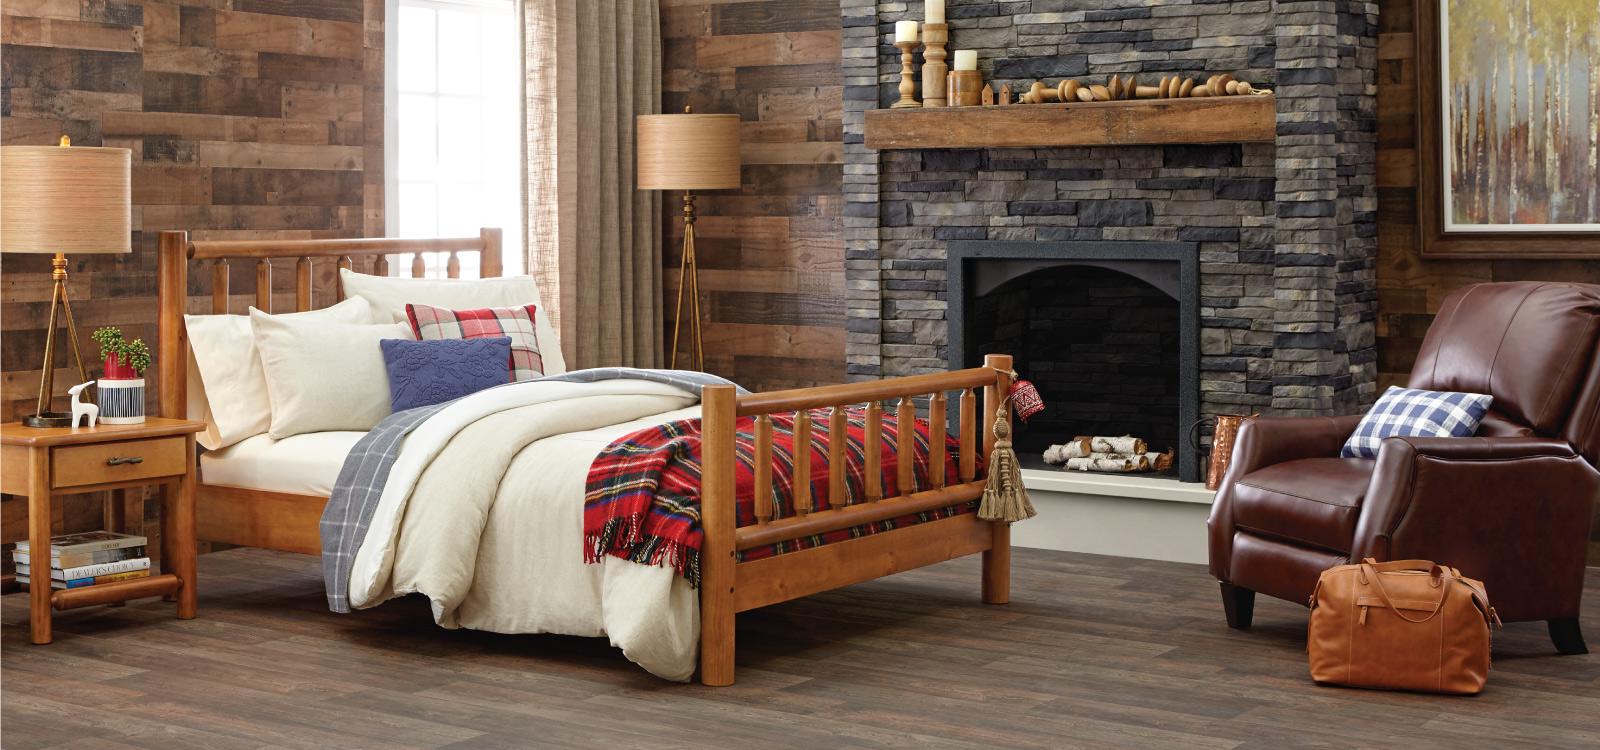 mattress slumberland mattresses logo allure mumsnet with beds header bed feature